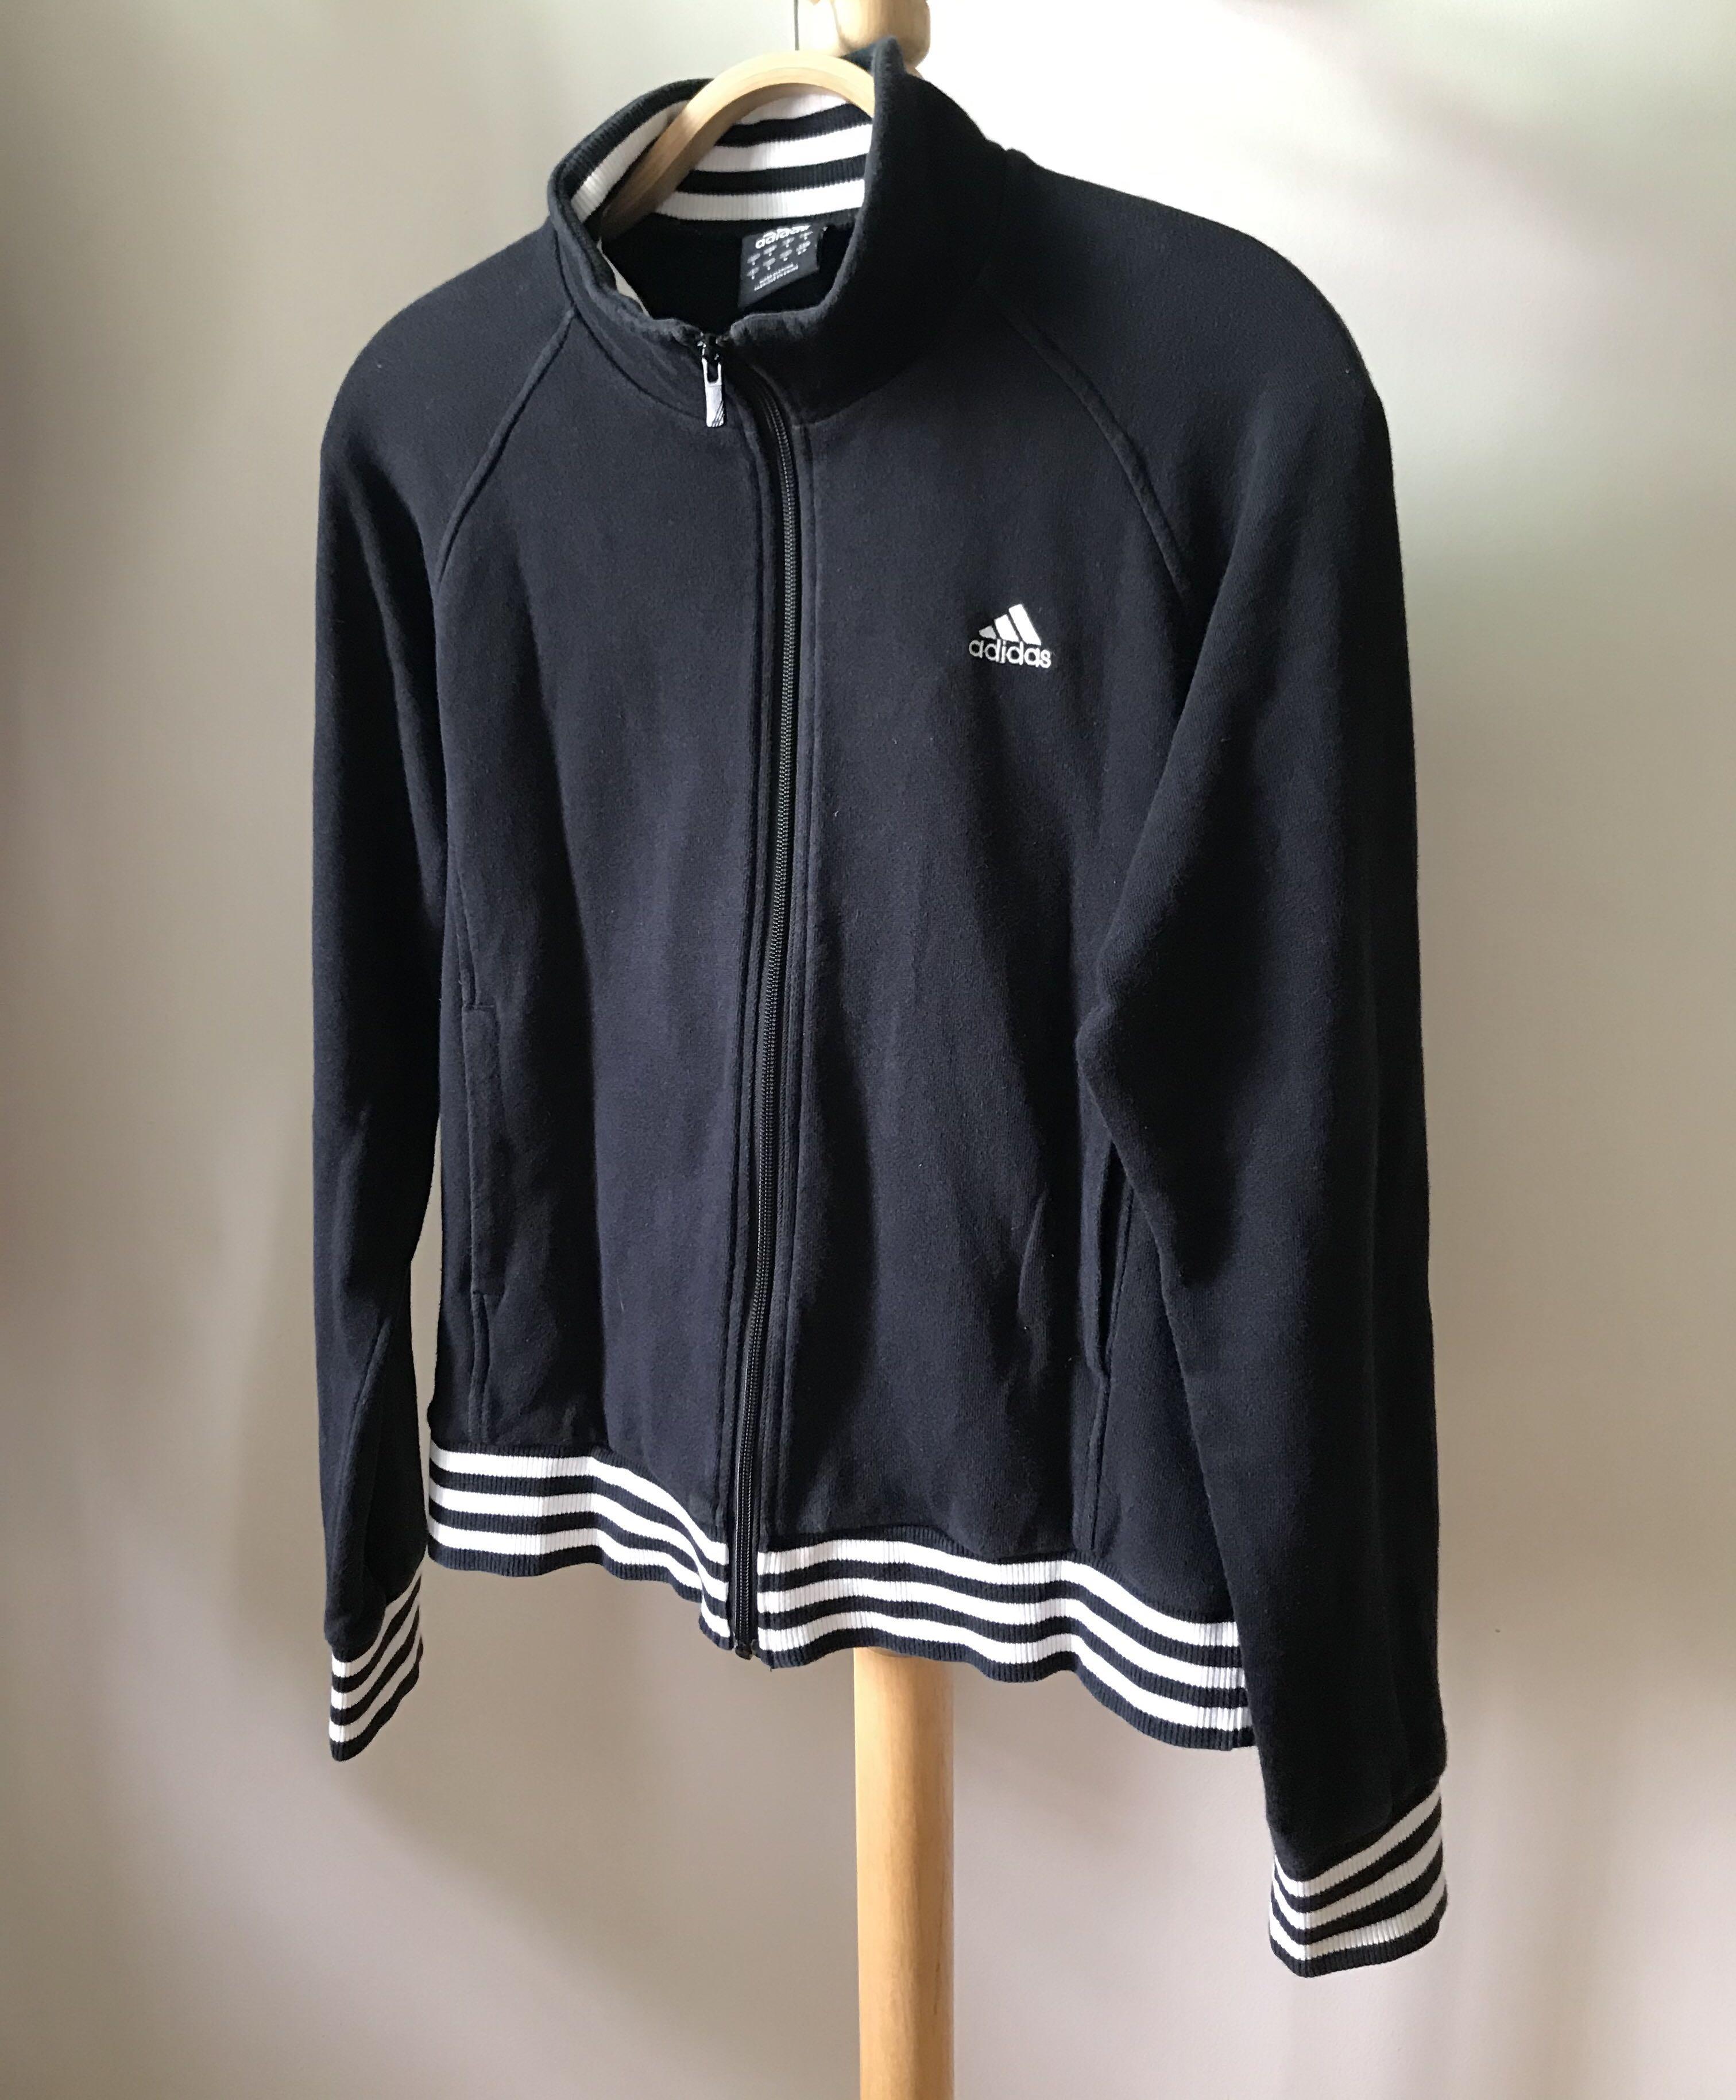 Adidas Sports  Training Jacket